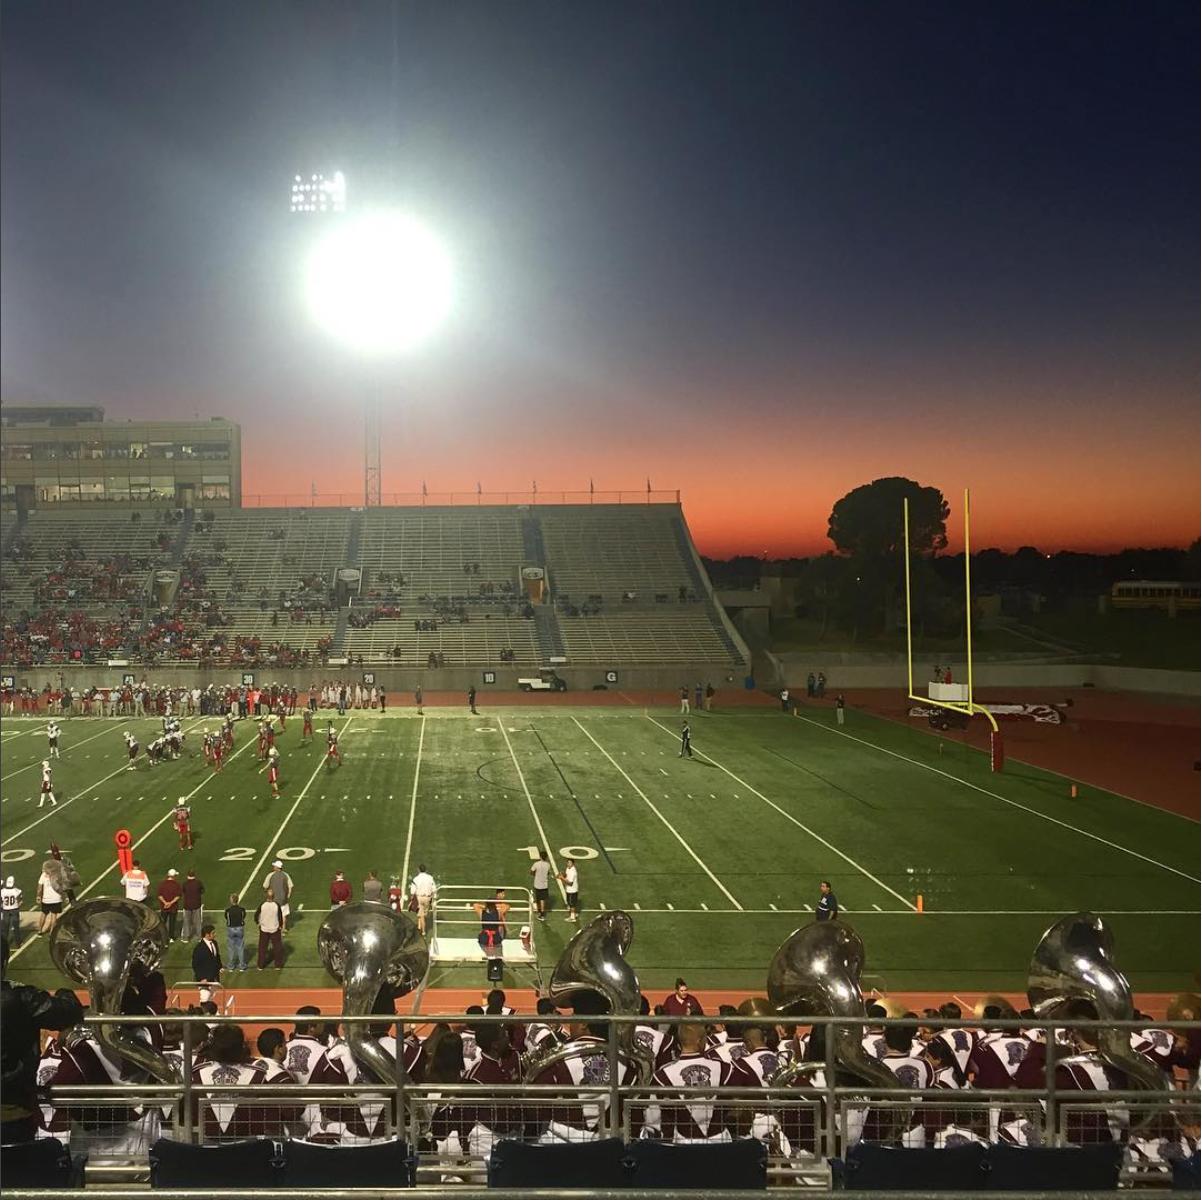 Odessa, TX. Ratliff Stadium. Friday night lights  #SnapshotLives